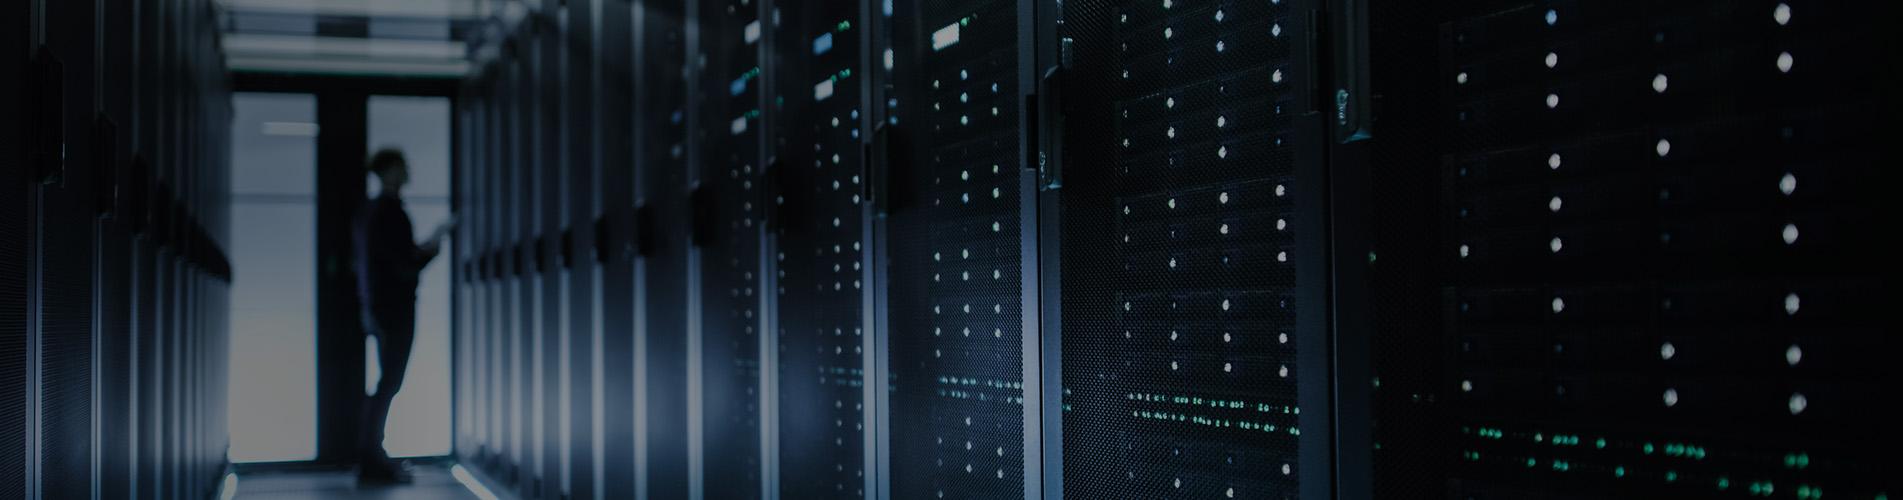 數據與技術